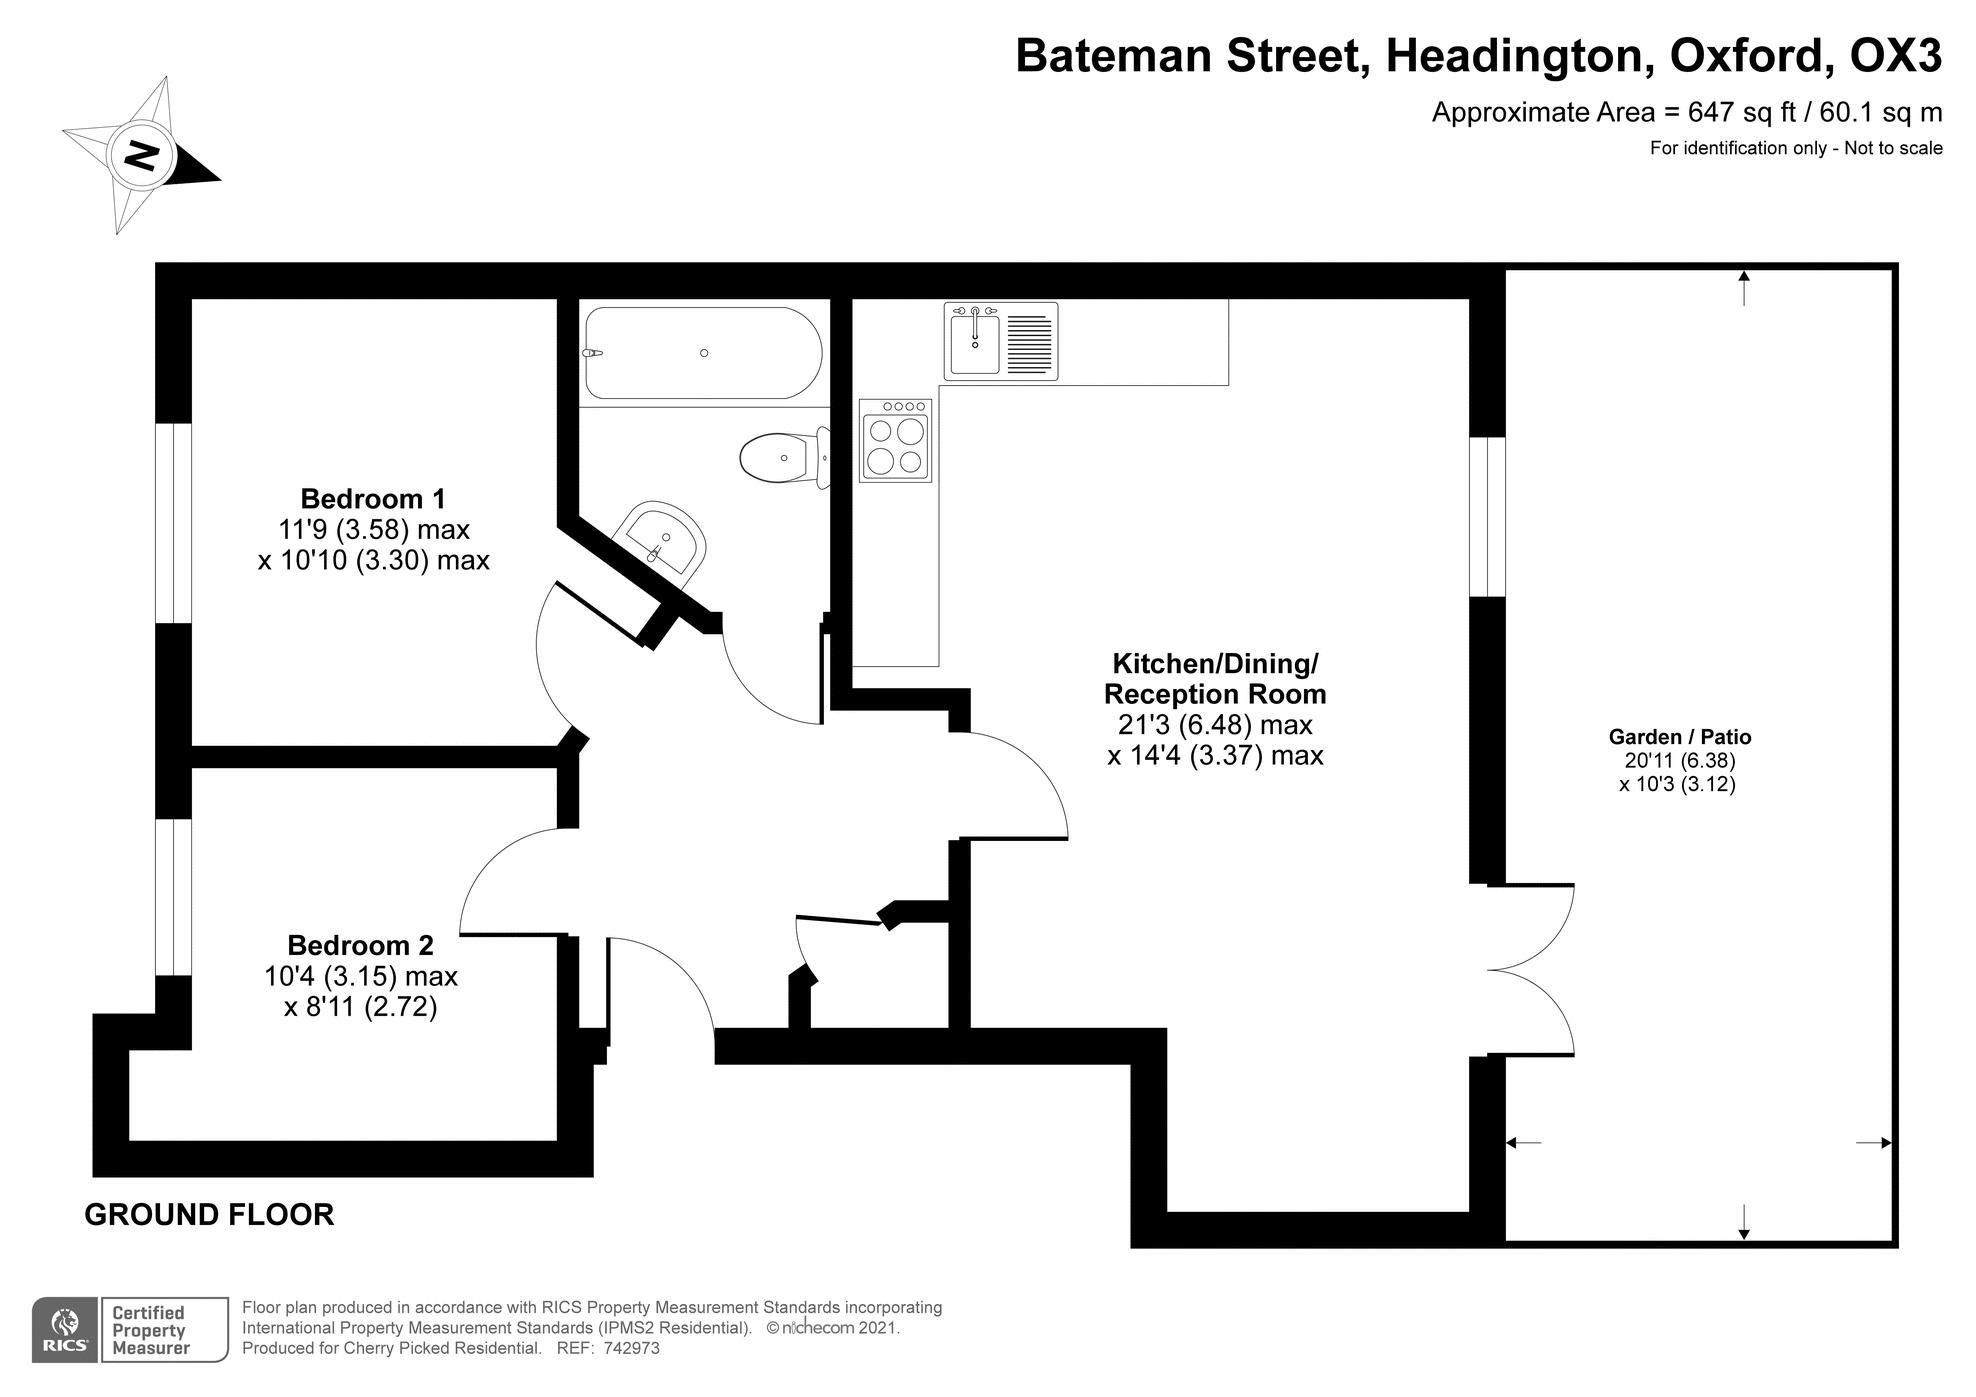 Bateman Street Headington